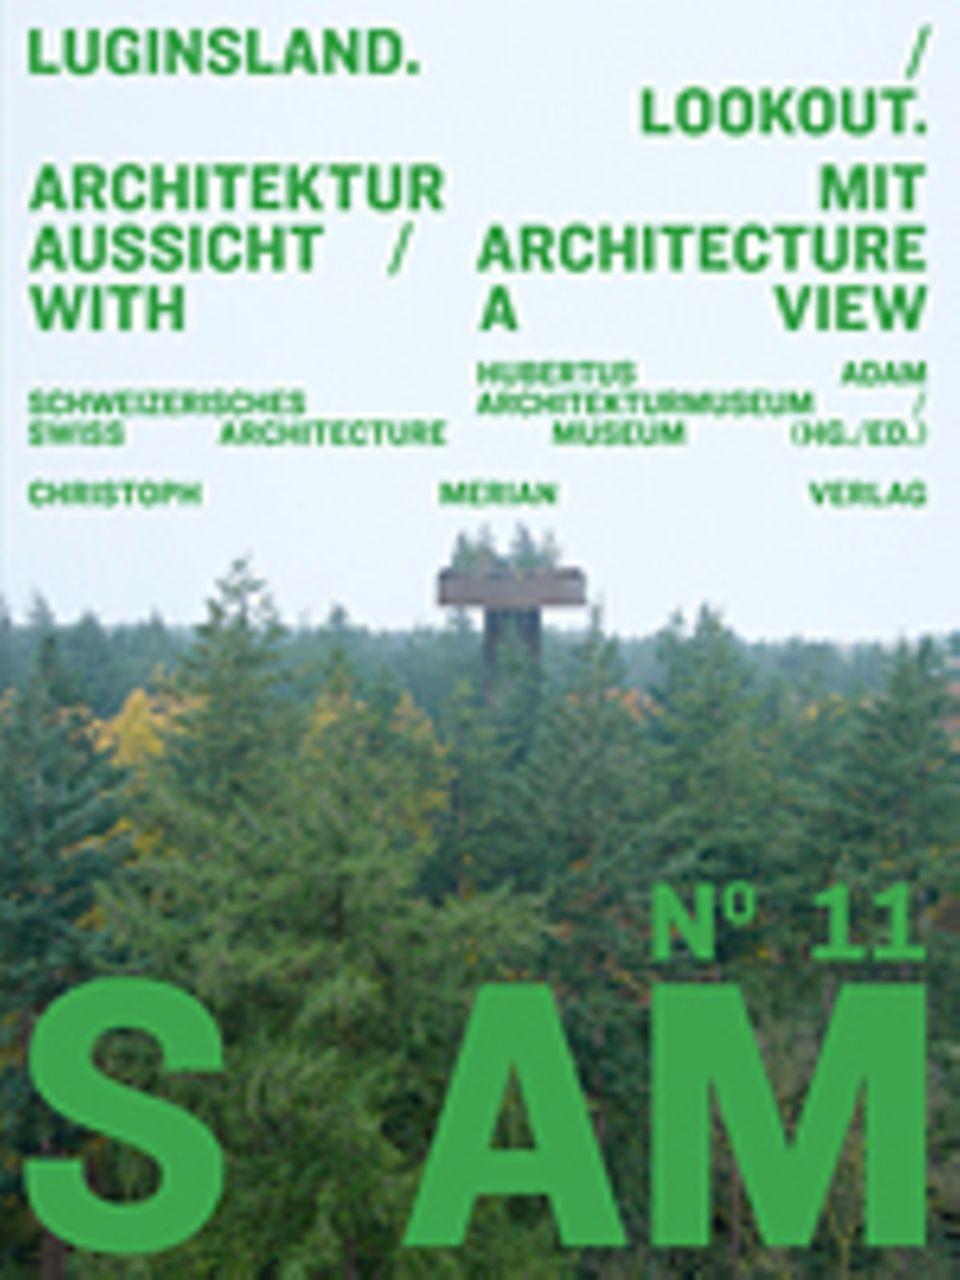 Architektur: Zehn Aussichtsplattformen, die auch architektonisch begeistern